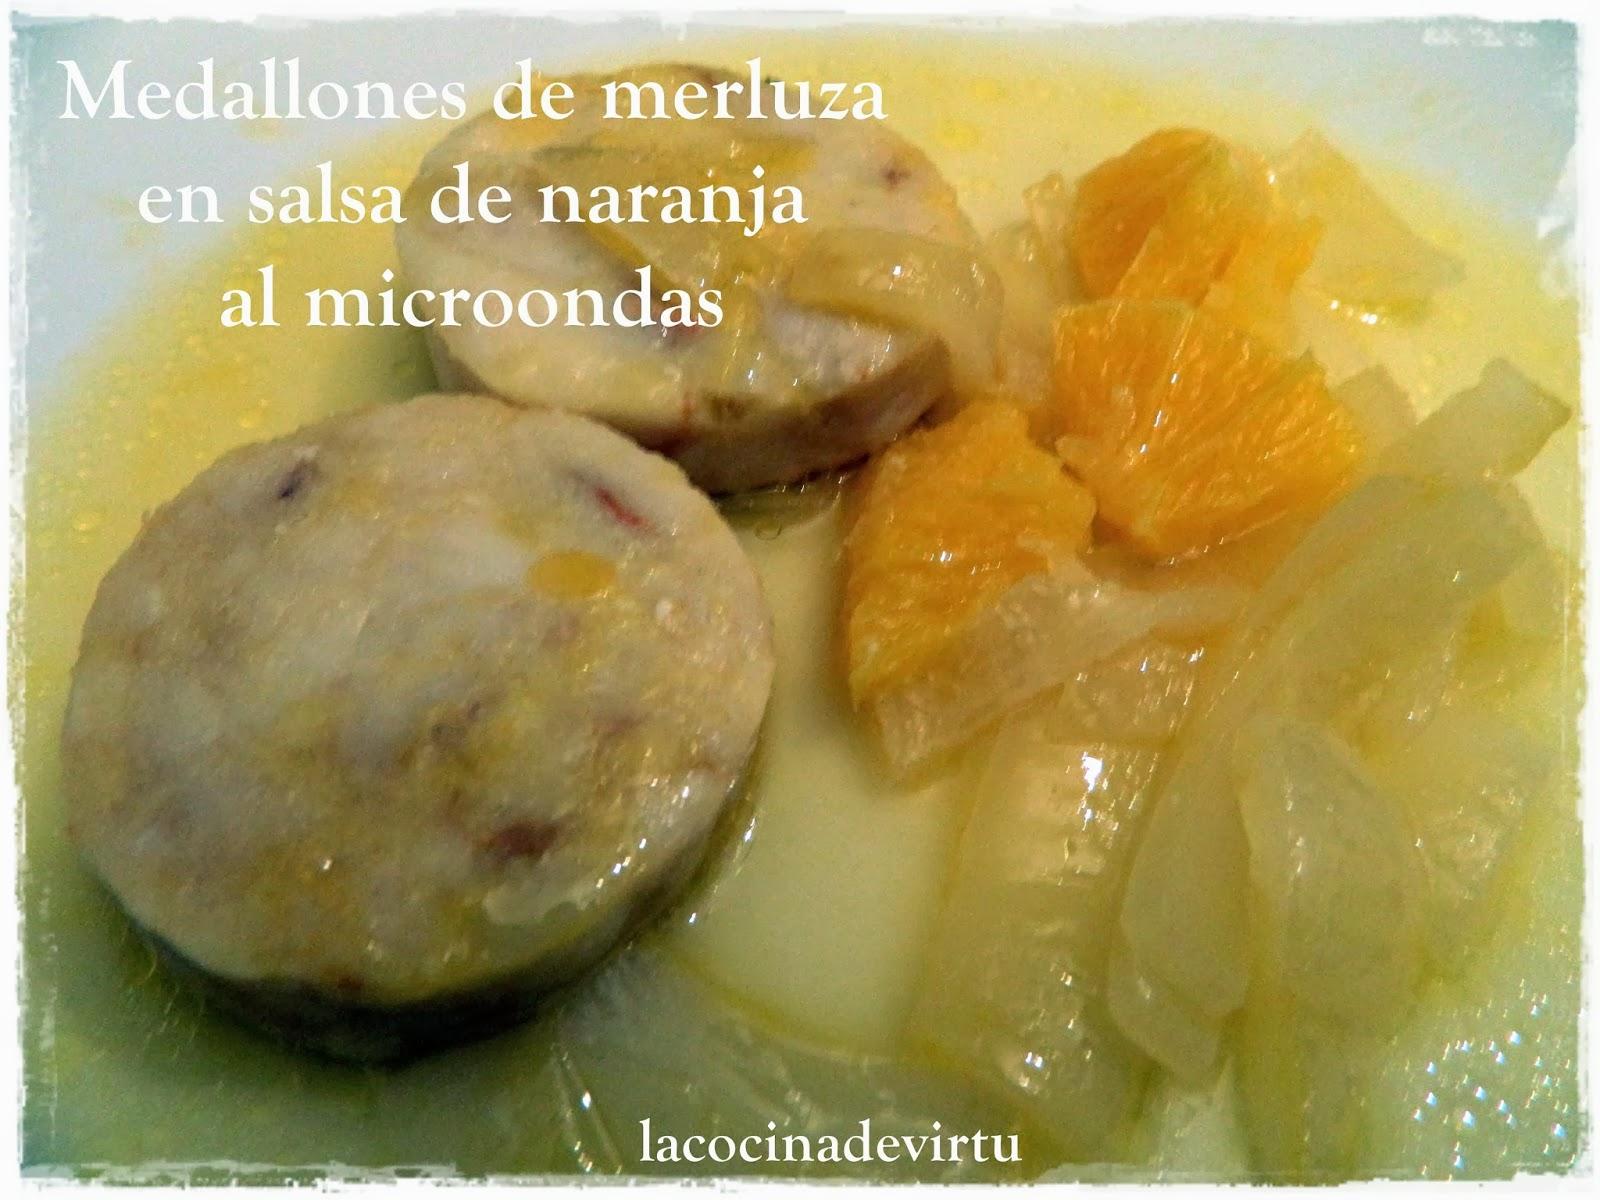 La Cocina De Virtu Medallones Merluza En Salsa De Naranja